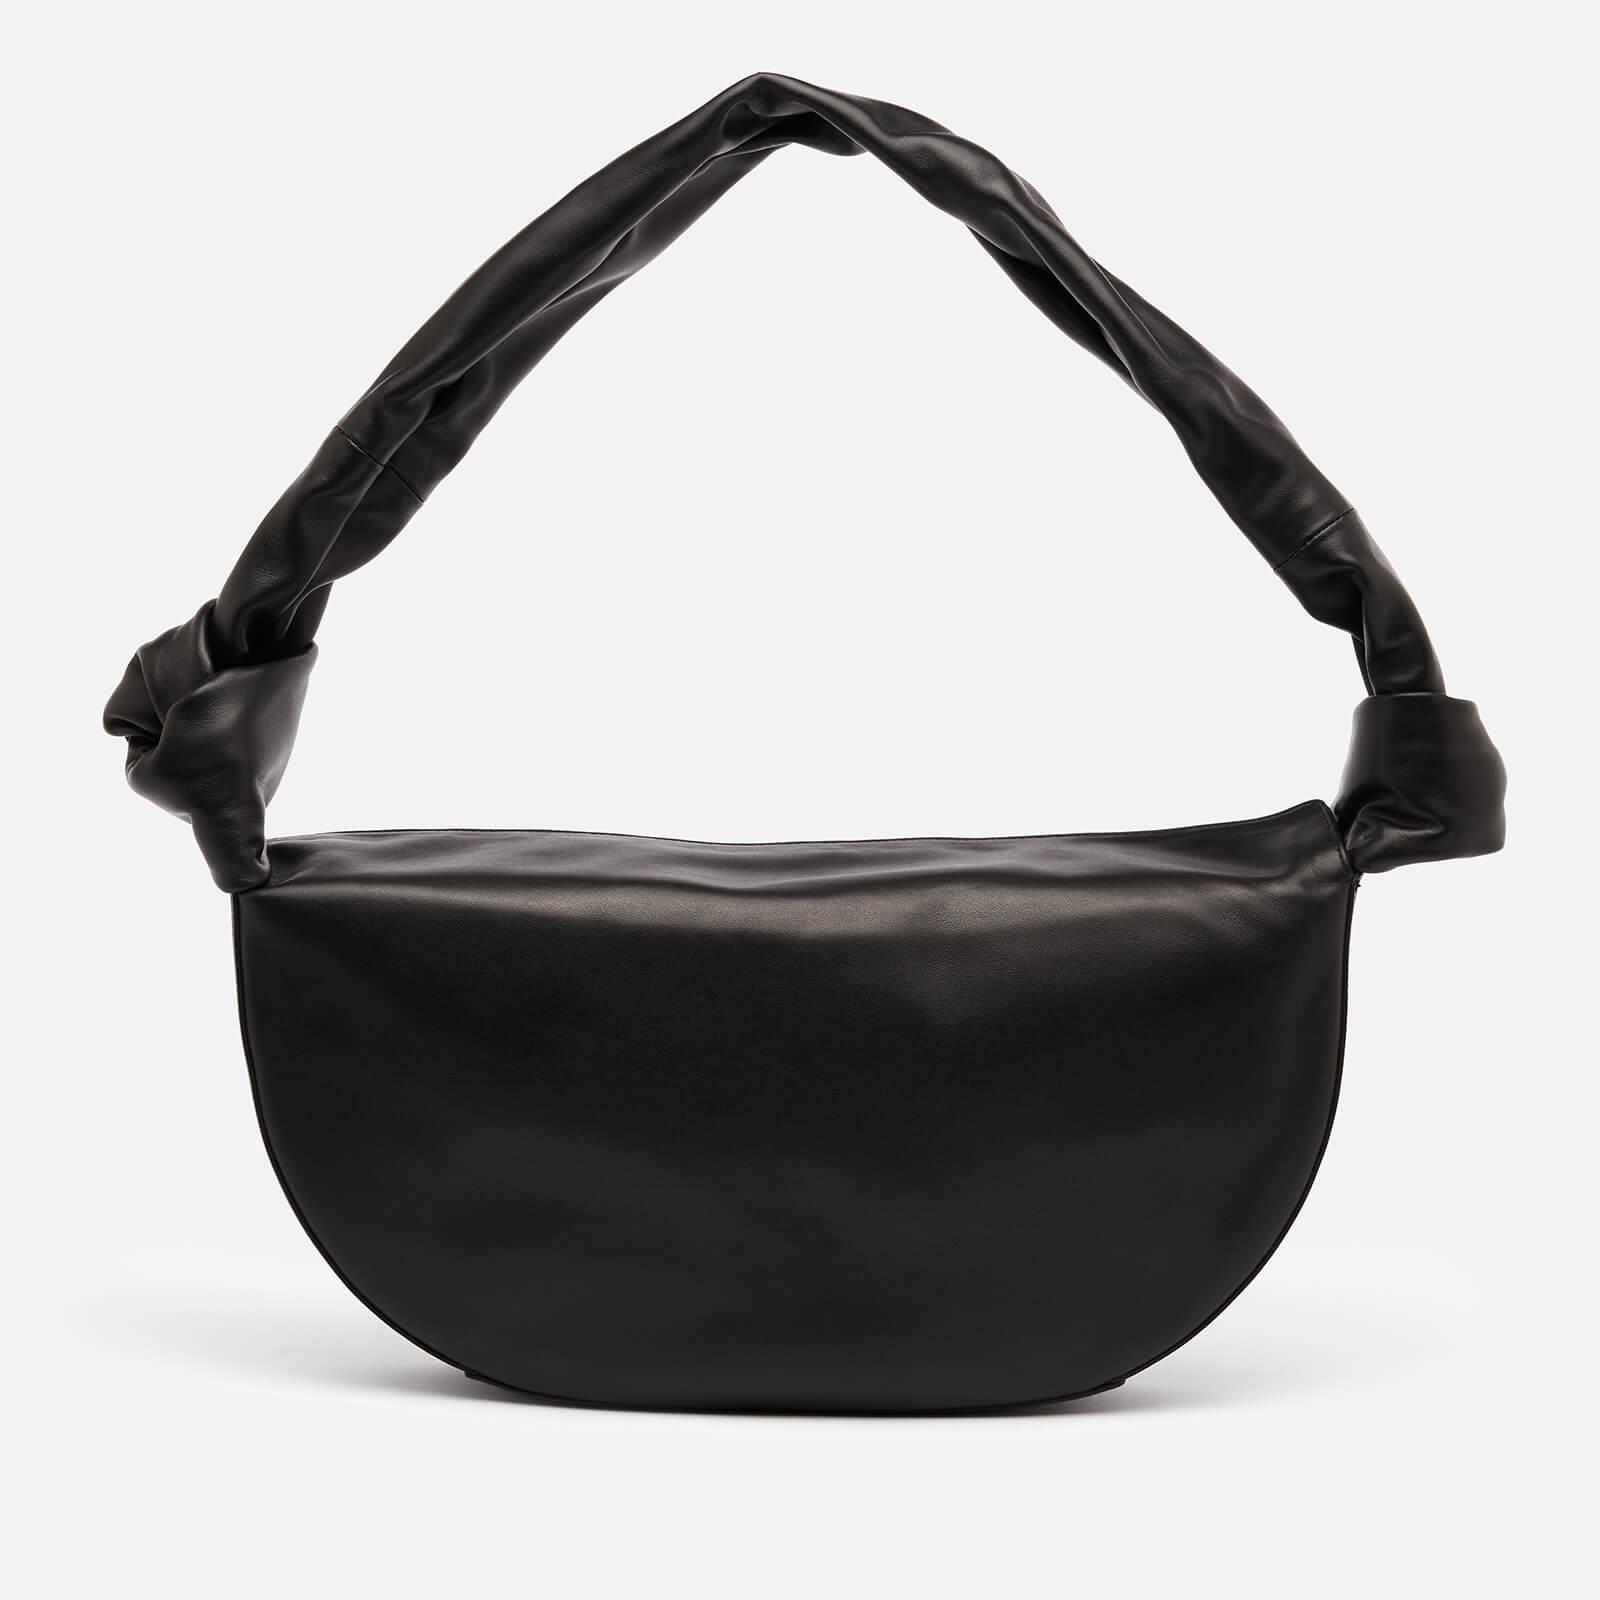 Little Liffner Women's Double Knot Banana Bag - Black